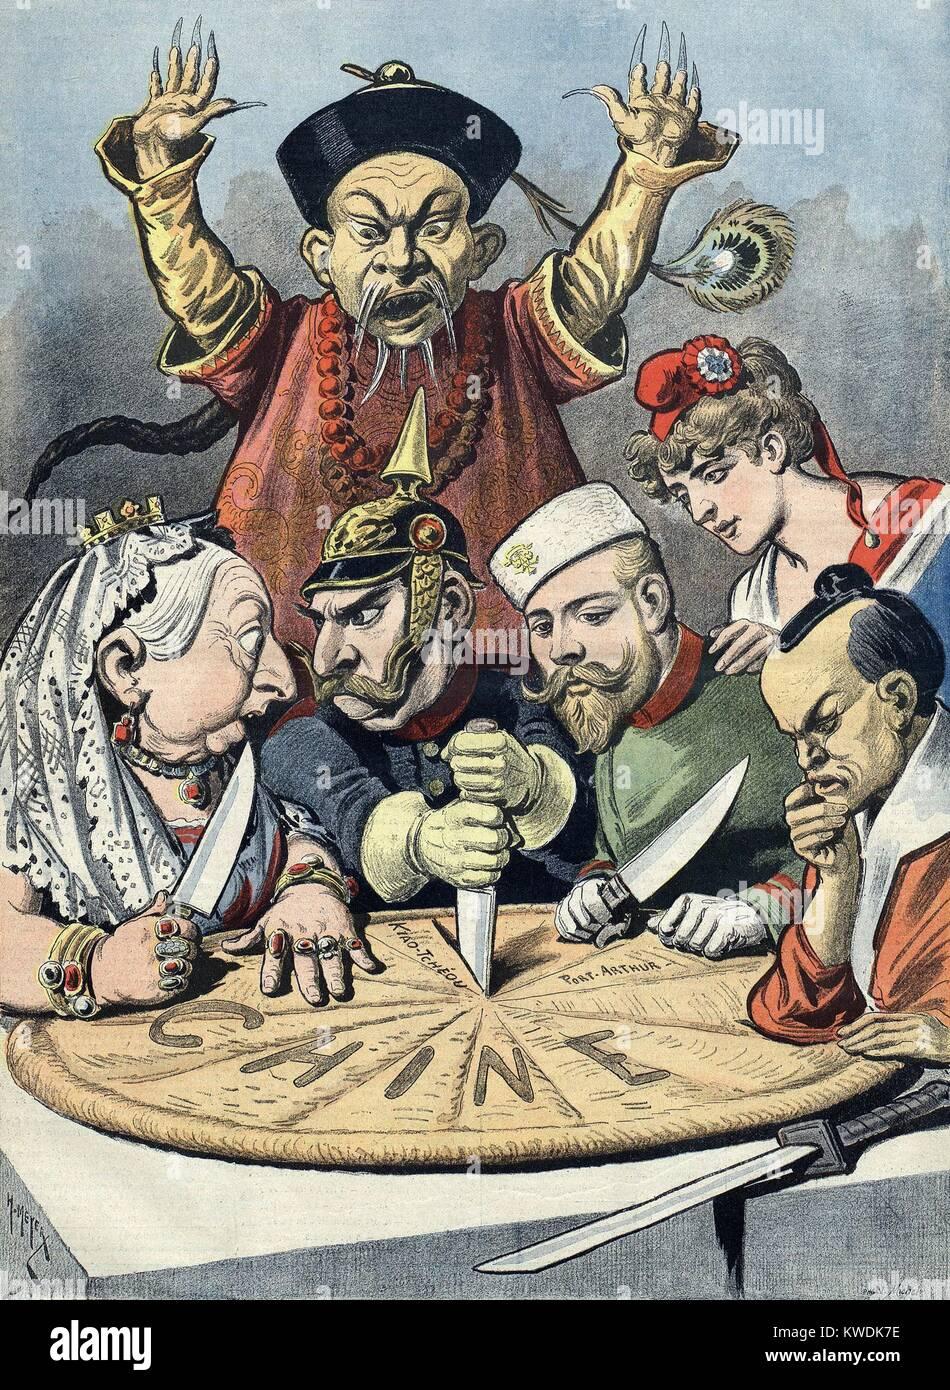 1898 caricatura política francesa muestra europeos carving en China. Detrás de ellos un agitado el mandarín Imagen De Stock